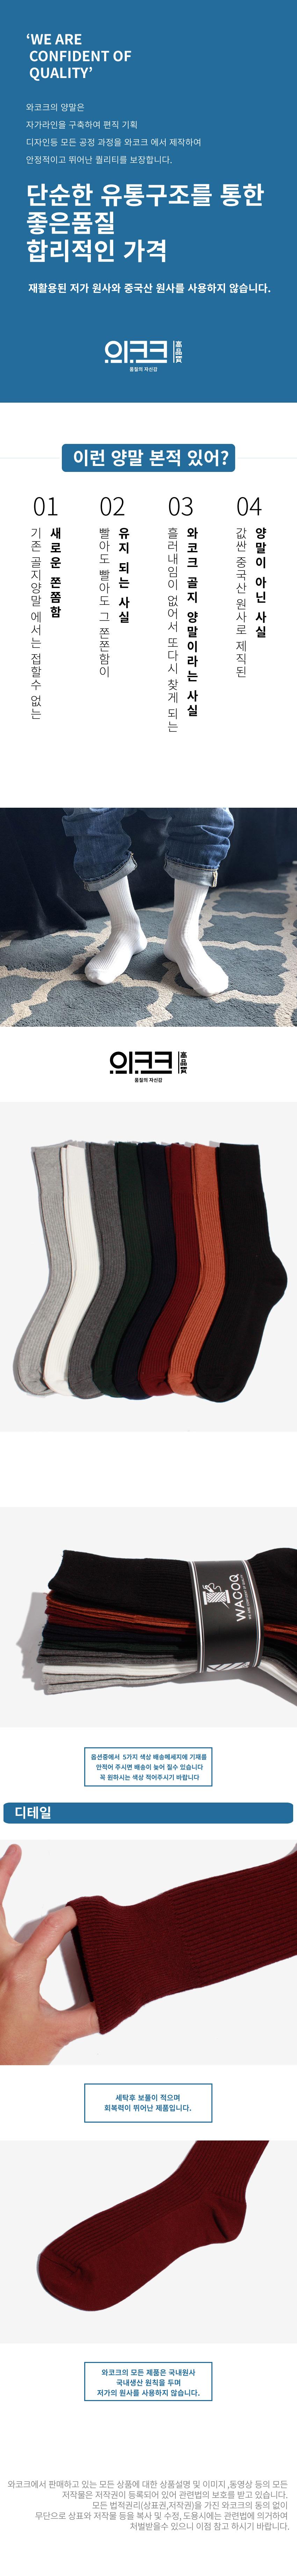 5팩 선택형 남성용 WACOQ BASIC 슬림 립삭스 - 와코크, 13,800원, 남성양말, 패션양말